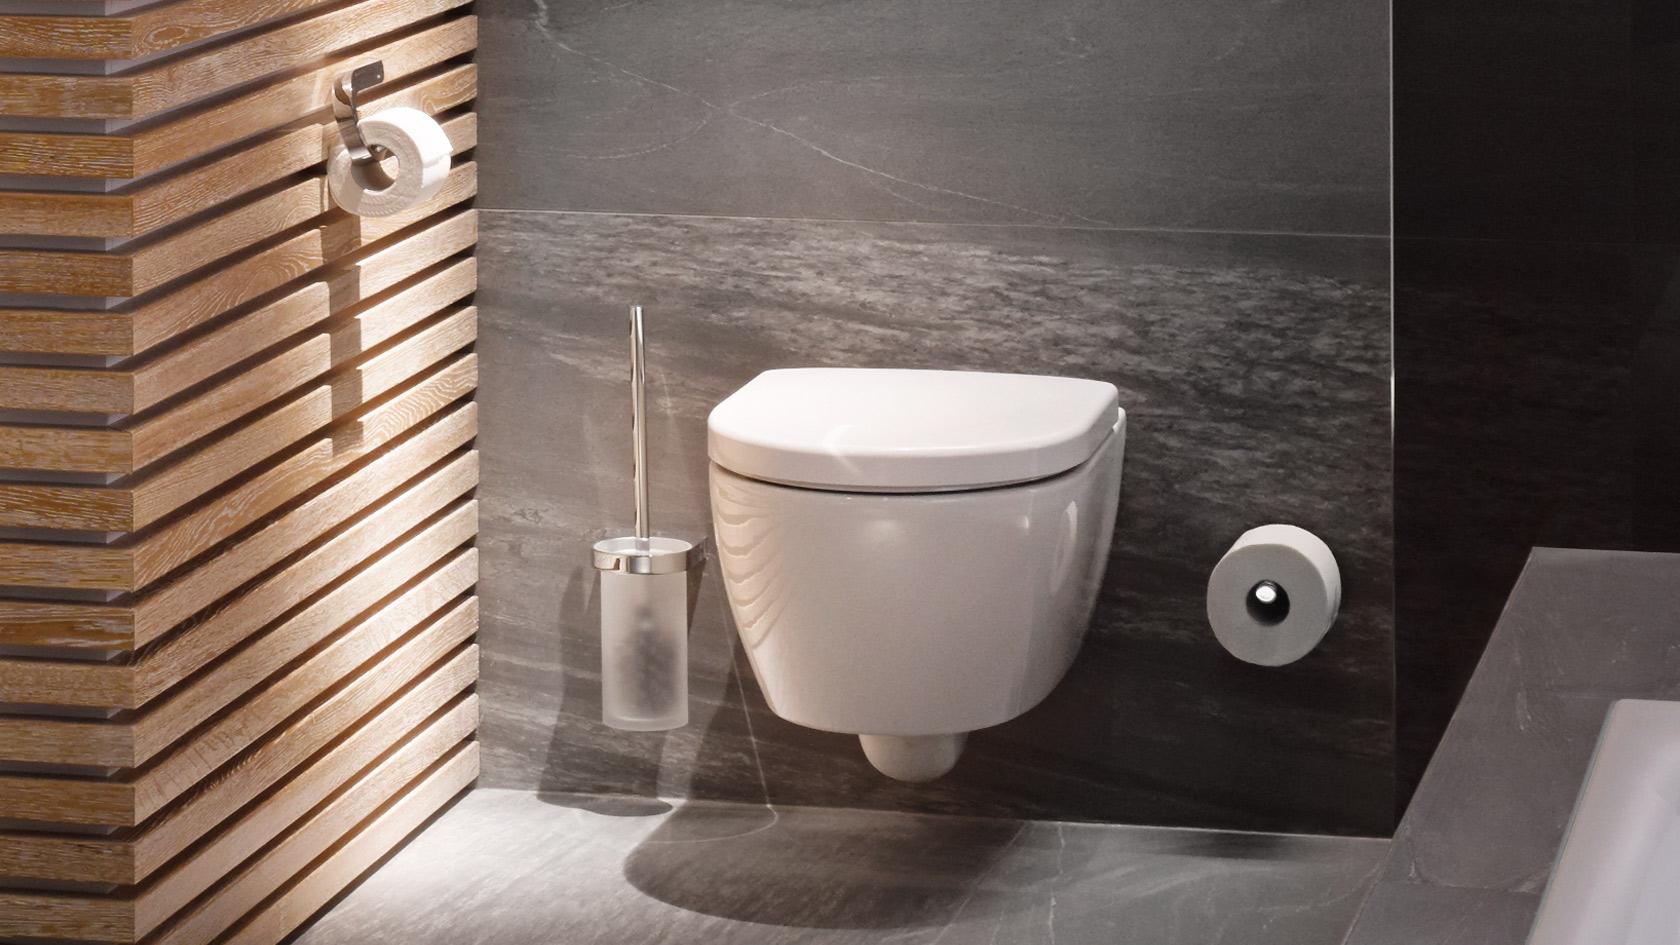 Sehr Toilettenbürsten & WC-Bürstengarnituren von HEWI | Produktinfos | HEWI LK12